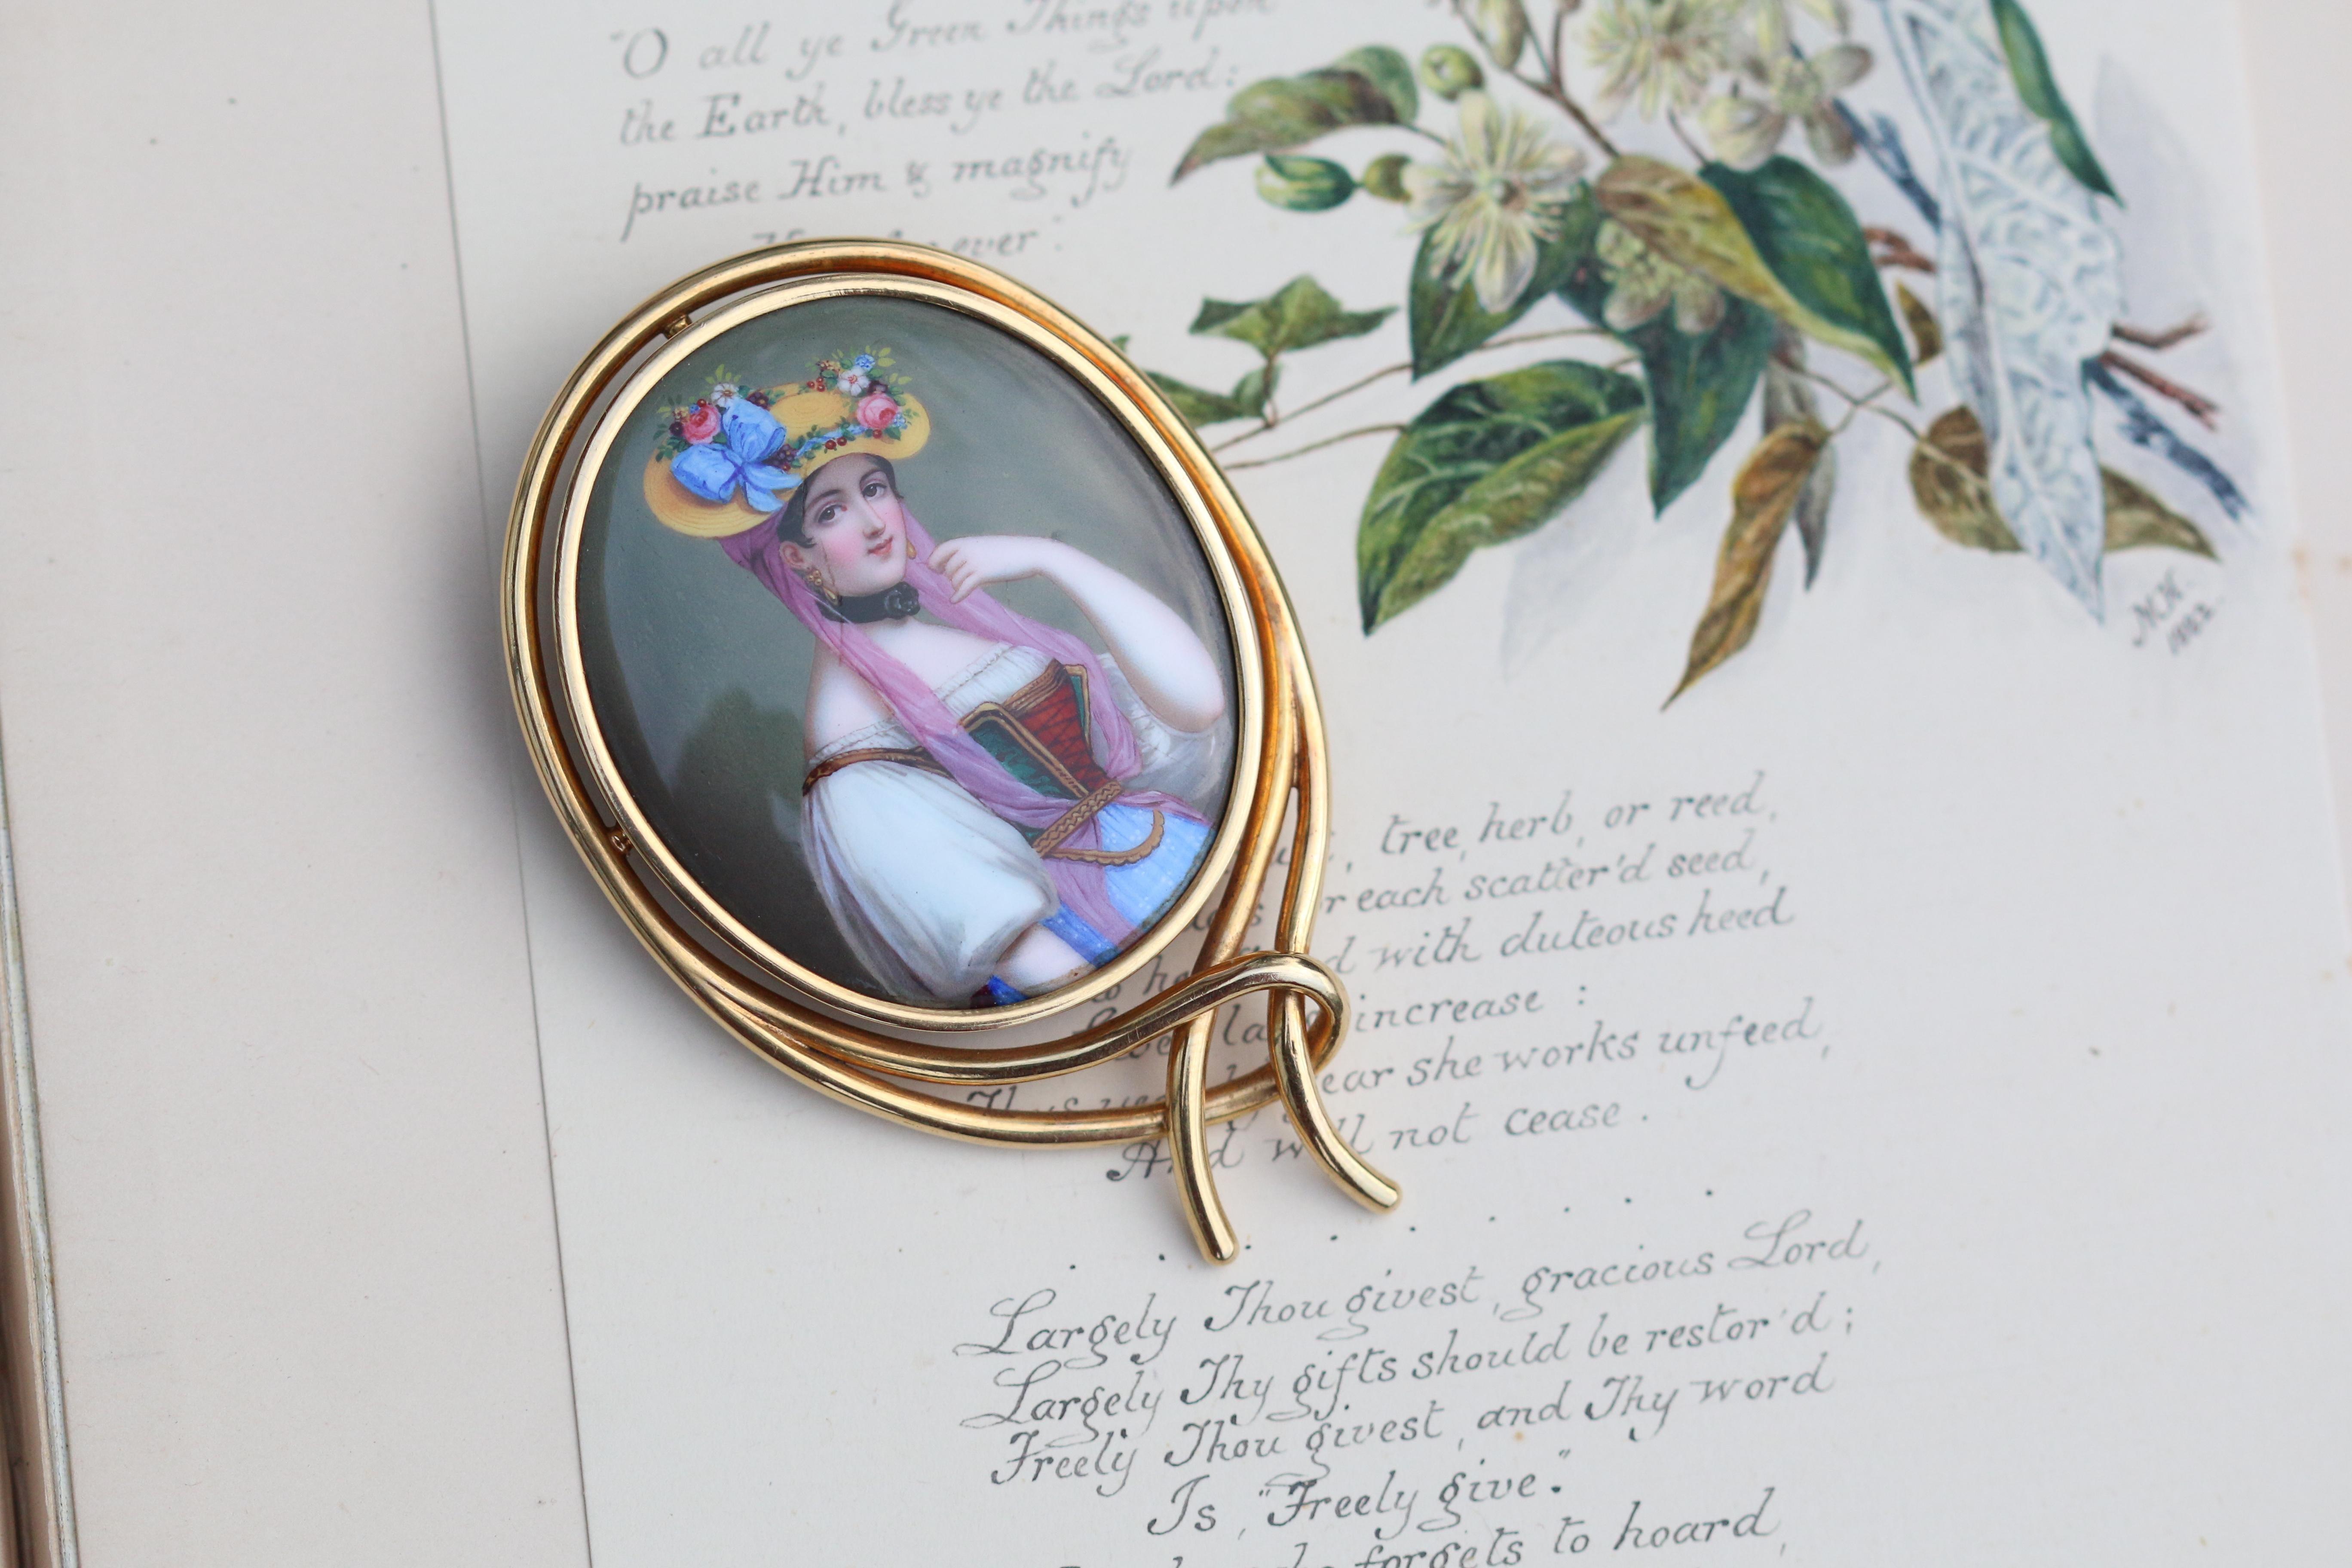 Antik Viktorianisch 14k Gold Rund Saphir Perlen Herz Kranz Brosche Anhänger Fine Pins & Brooches